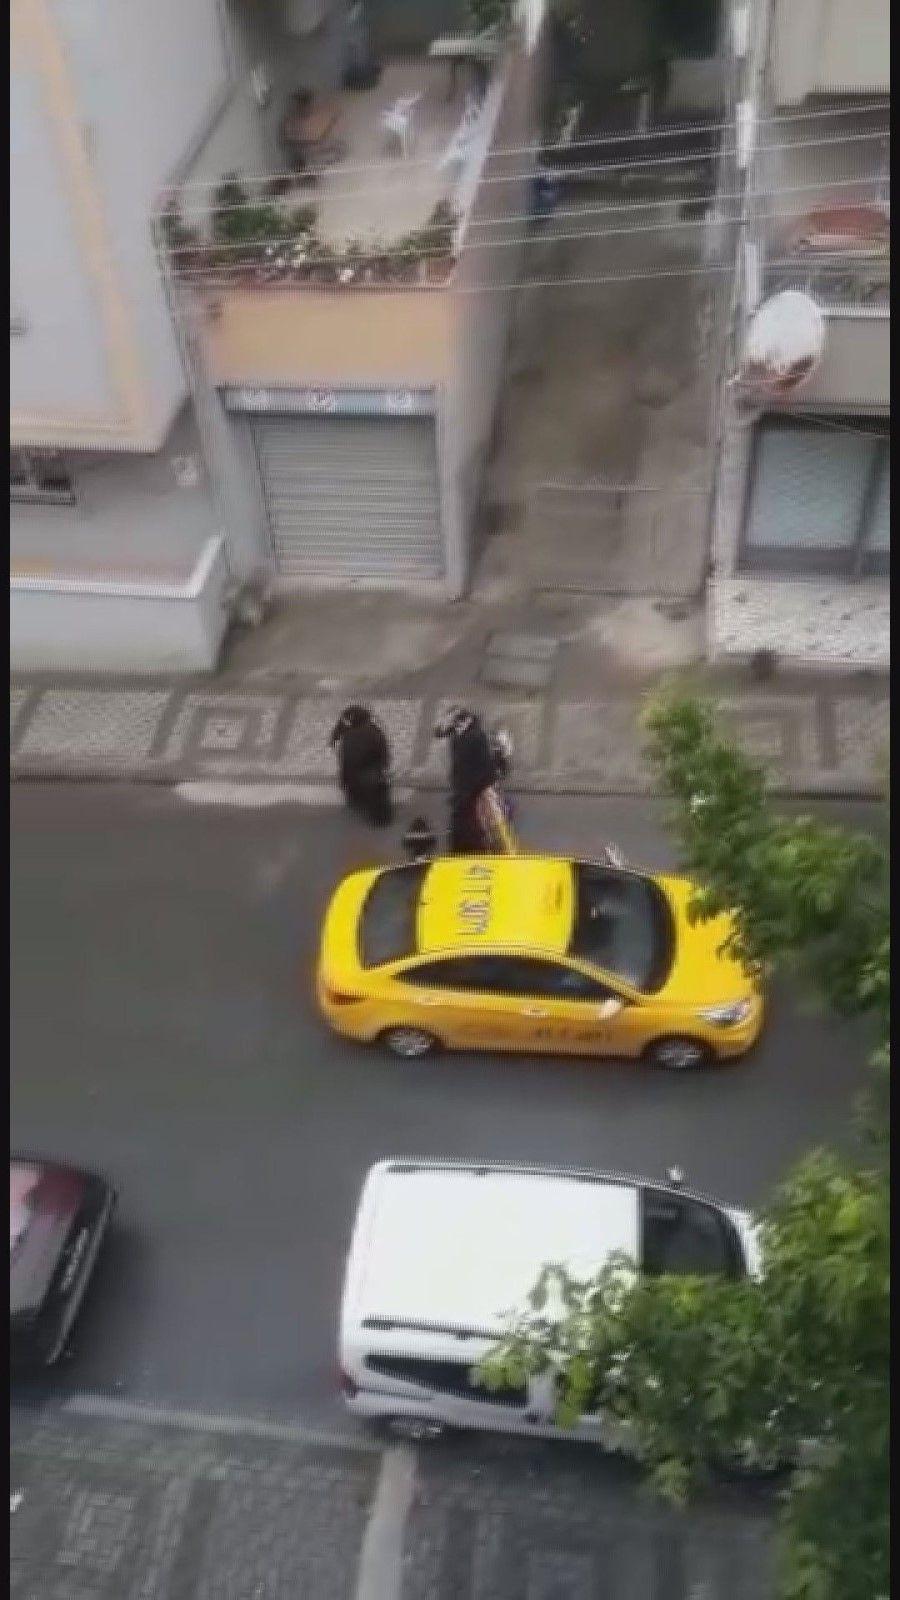 Böyle vicdansızlık görülmedi! Doğum yapan kadını taksici aracından attı! video izle - Sayfa 1